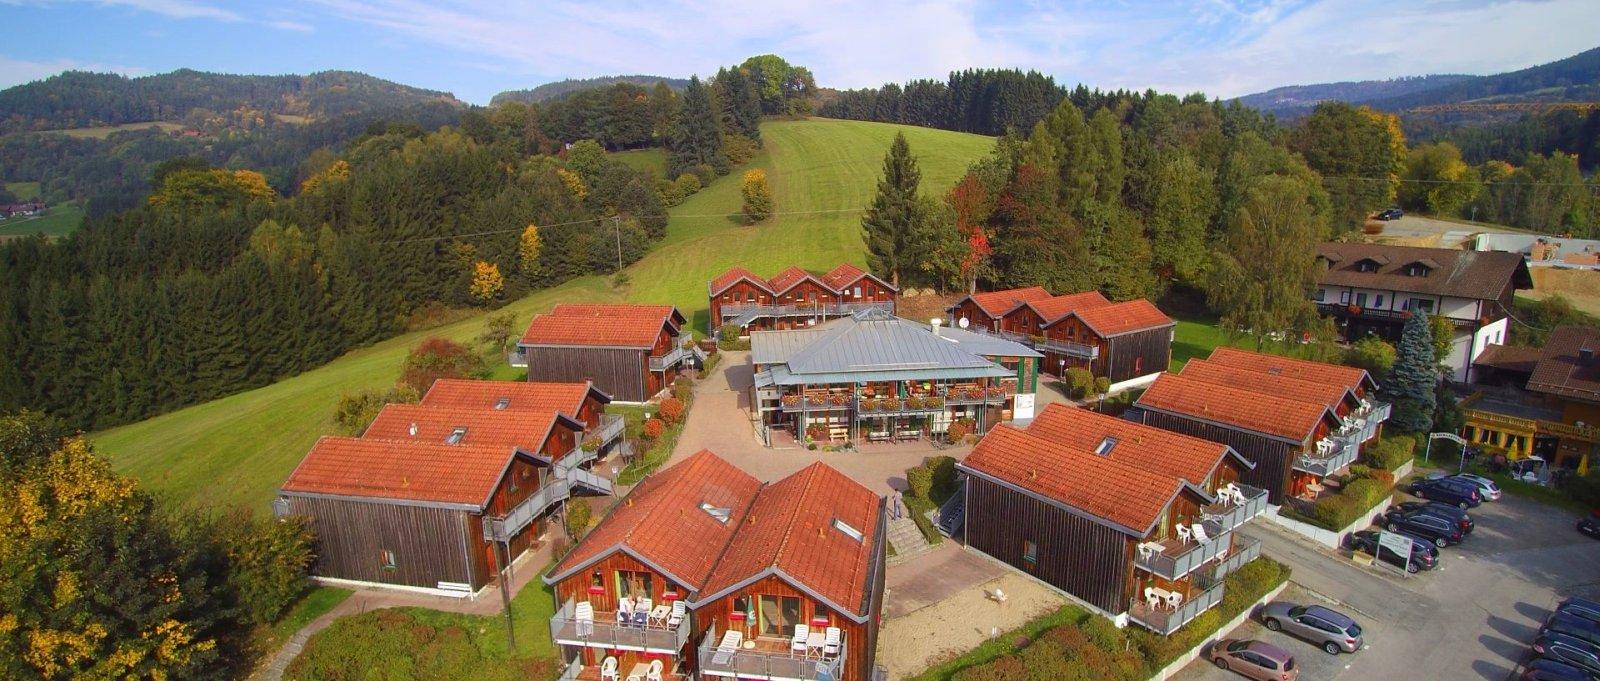 Familienurlaub im Hotel mit Feriendorf in Pürgl